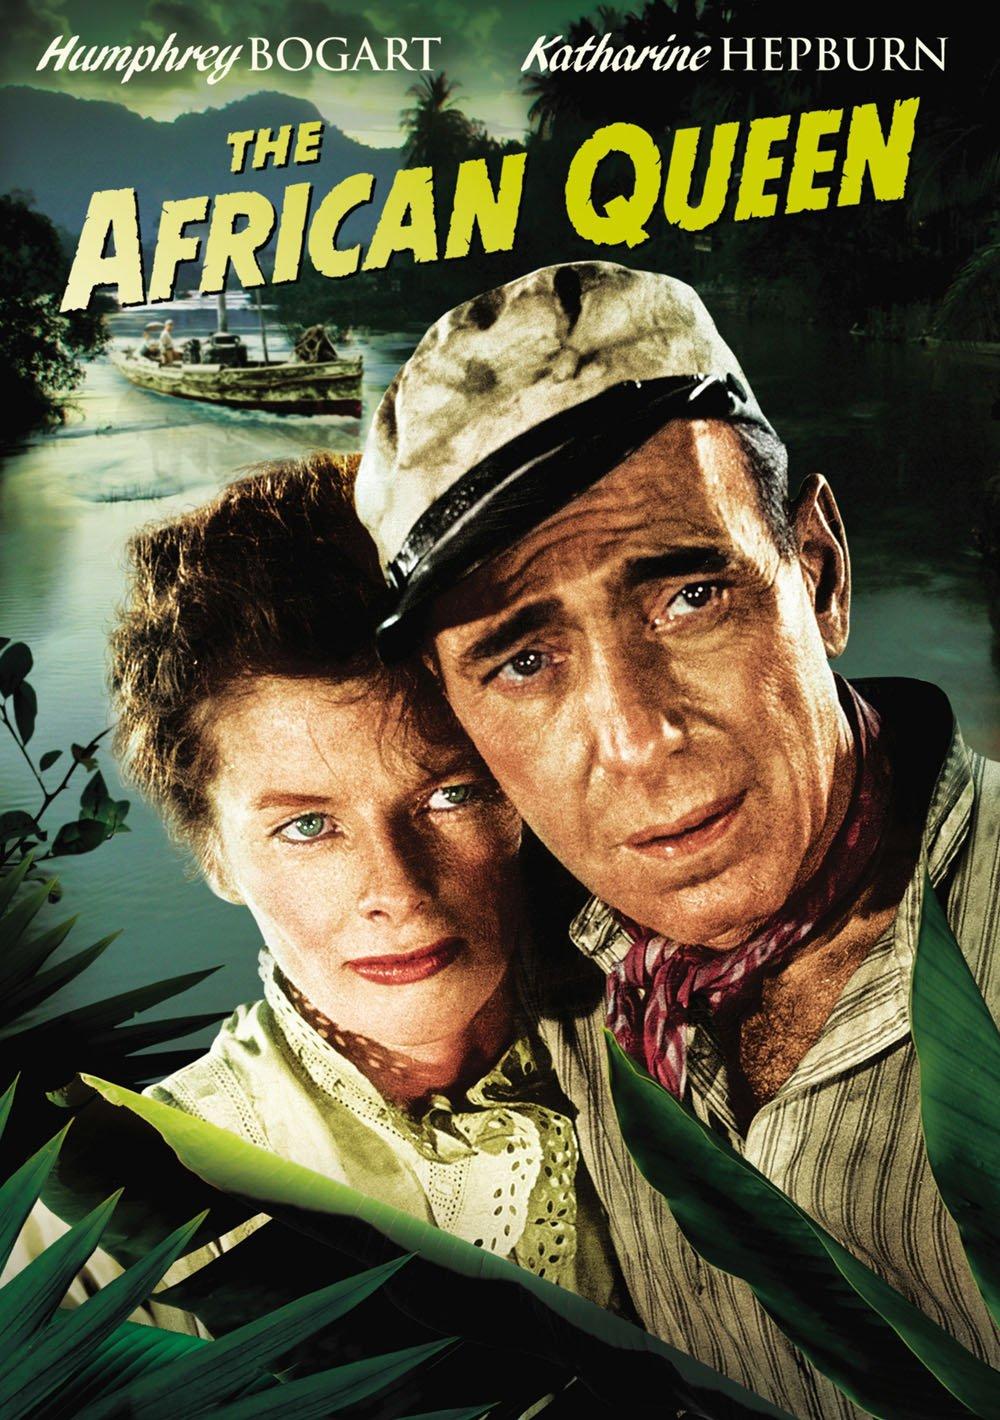 აფრიკელი დედოფალი (ქართულად) - The African Queen / Африканская королева (1951)